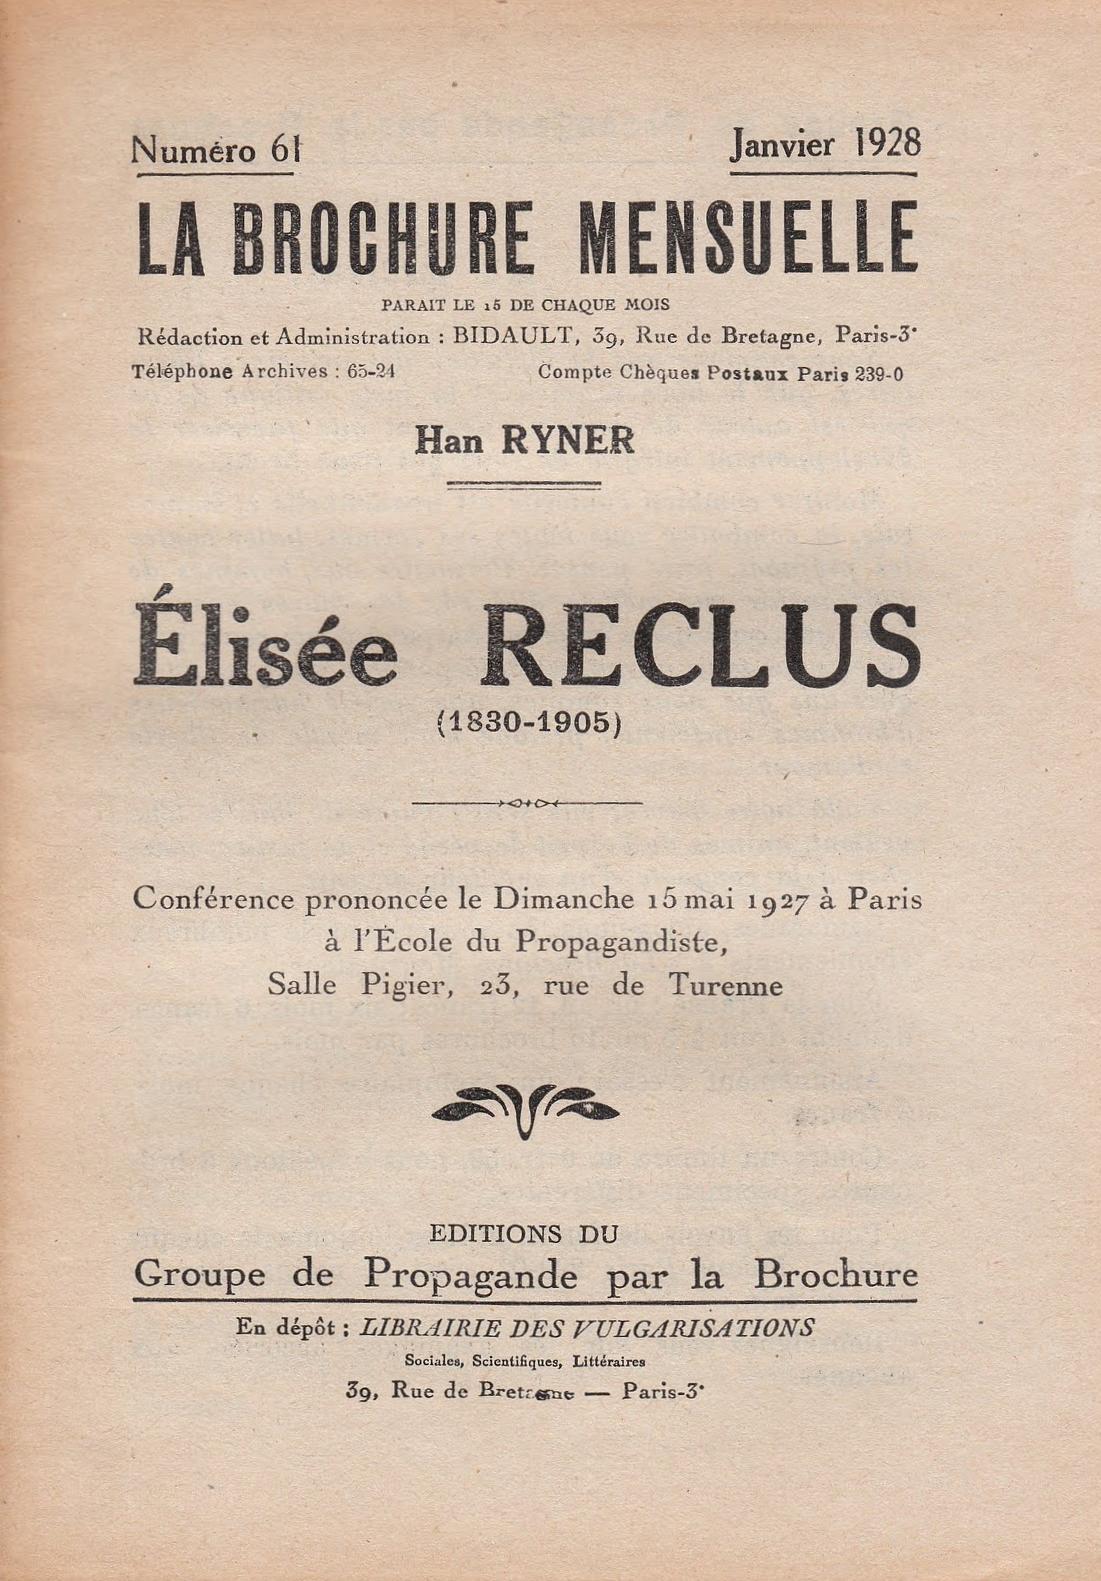 Edició de la conferència